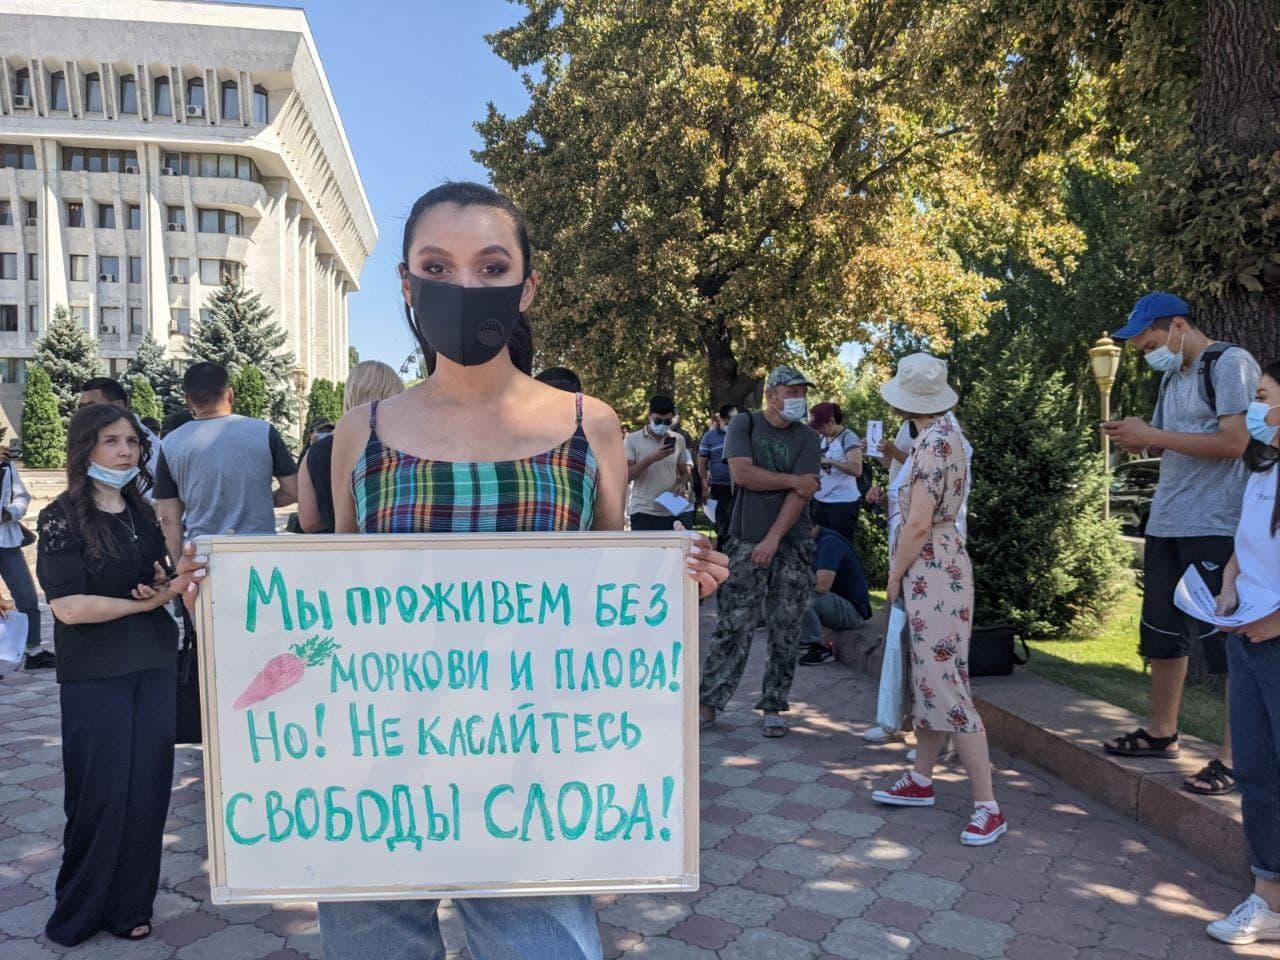 «Не касайтесь свободы слова!» В Бишкеке прошел митинг против переработанного законопроекта «О манипулировании информацией»